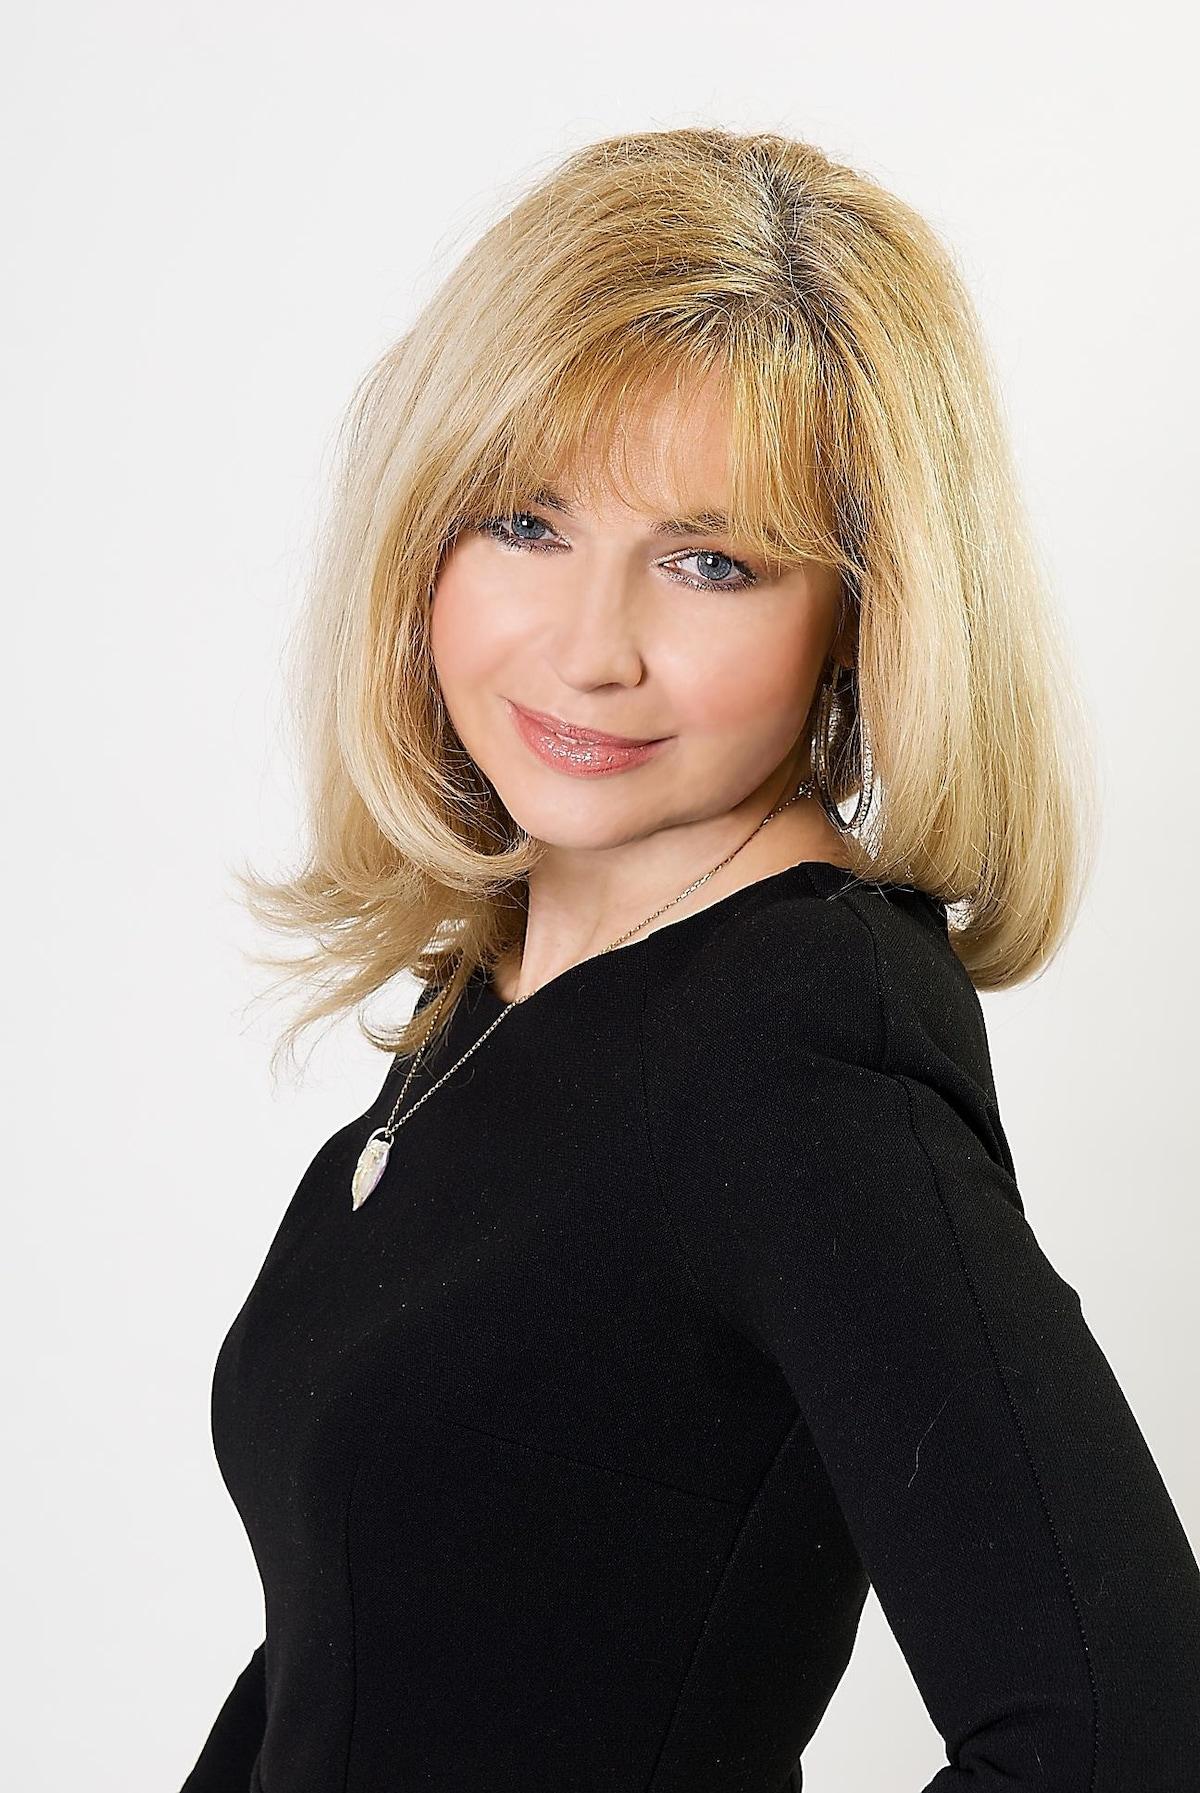 Adriena From Slovakia